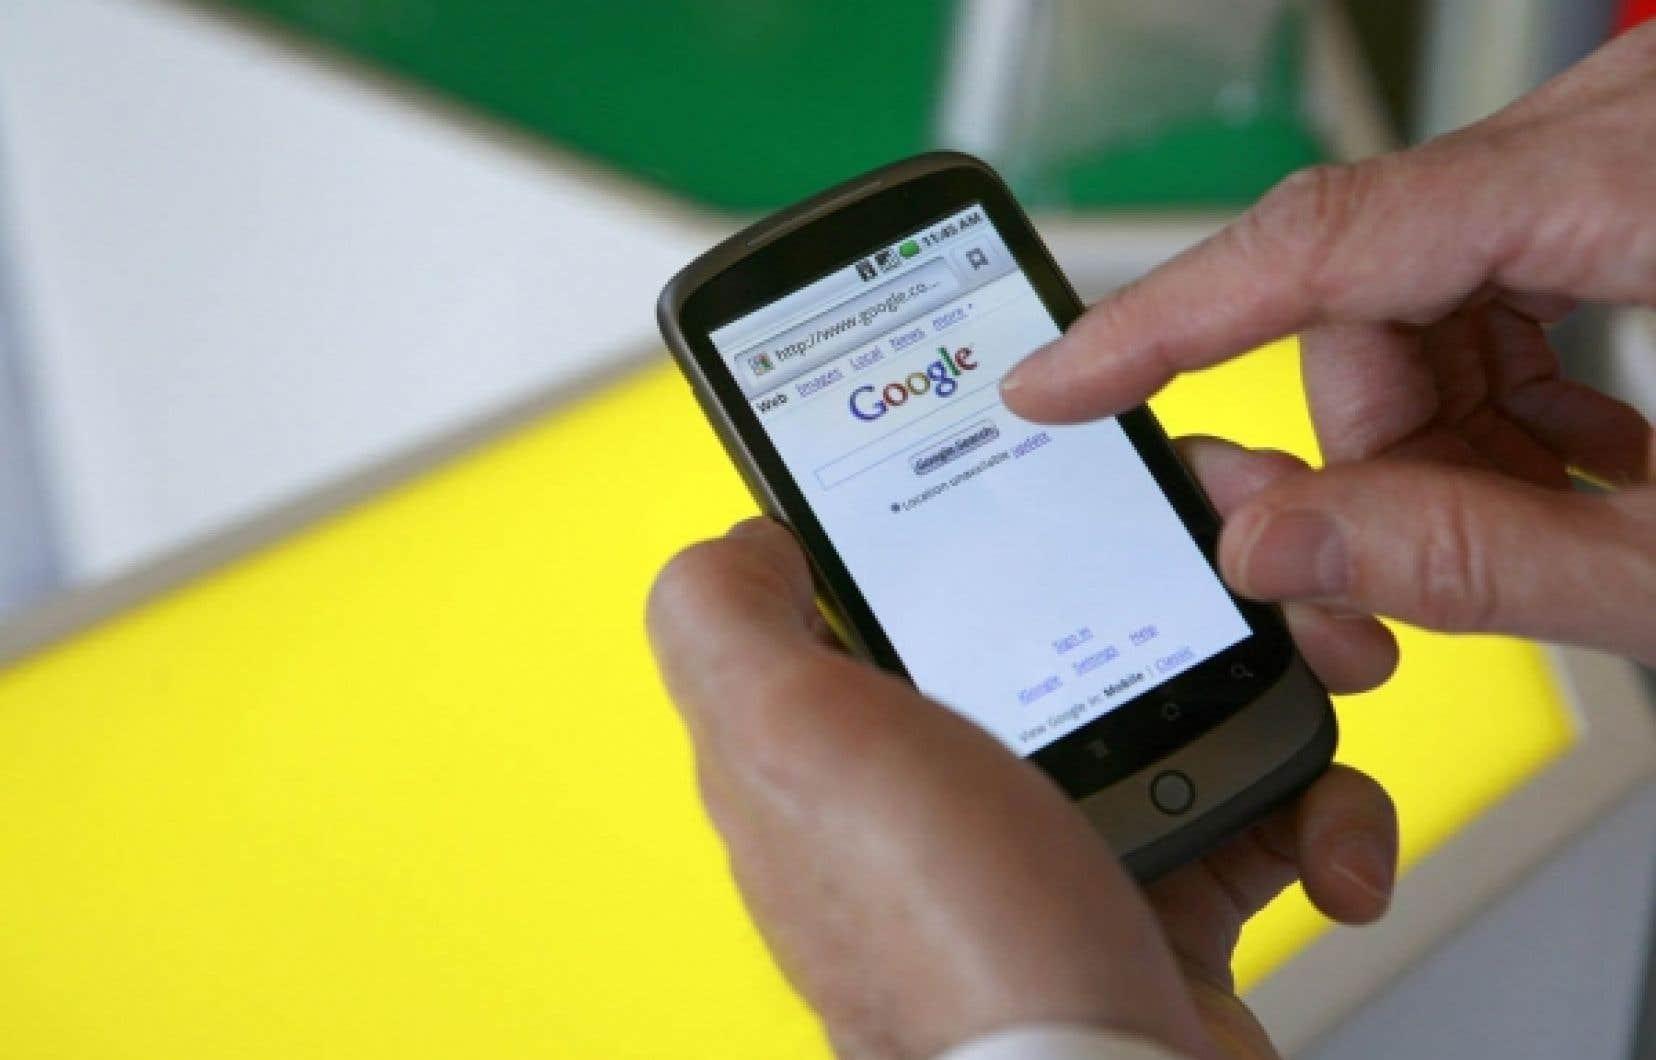 Au Québec, la croissance des téléphones du genre iPhone ou BlackBerry est freinée par les prix élevés imposés par les marchands de cellulaires.